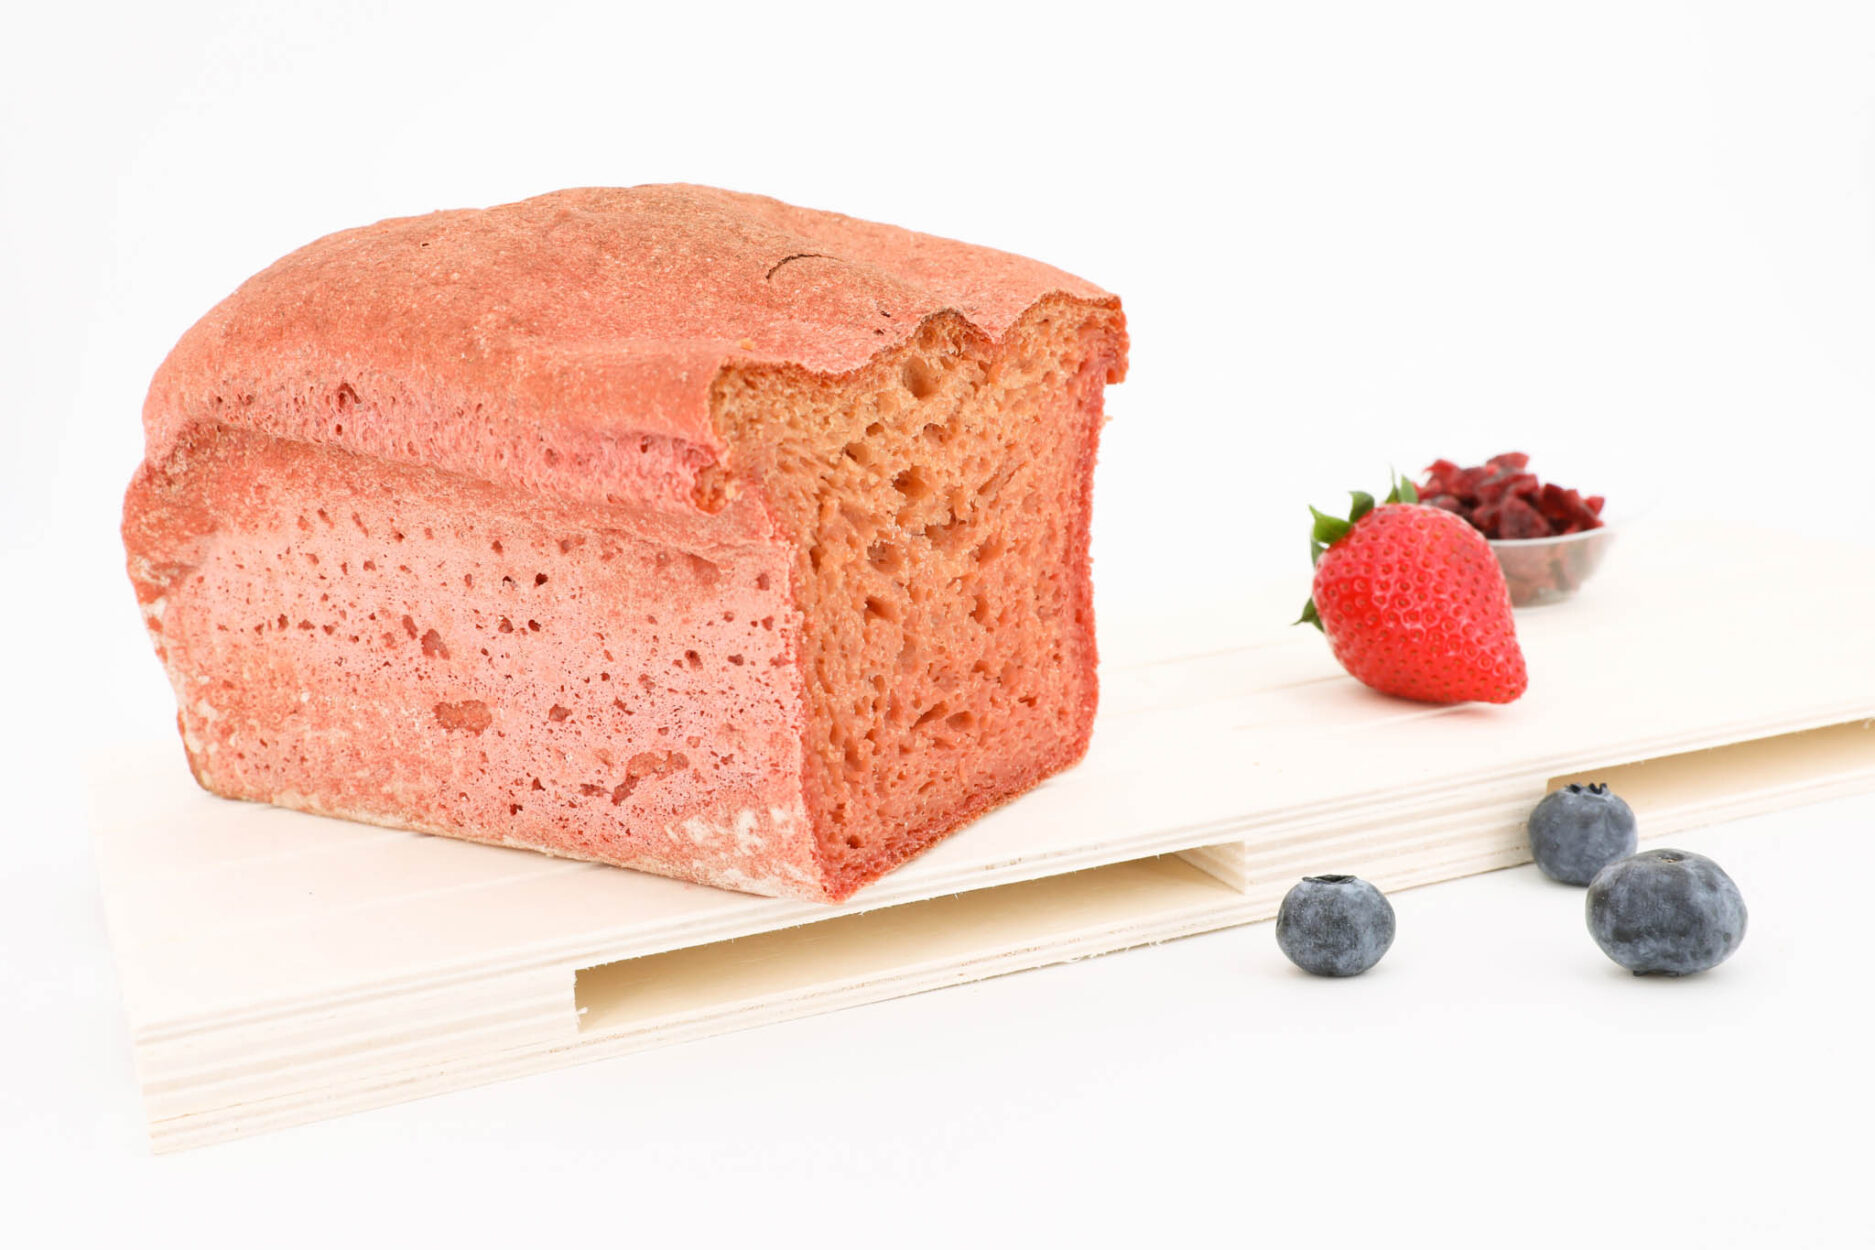 gastronomica-alimentos-nicoletalupuagency (6 of 84)